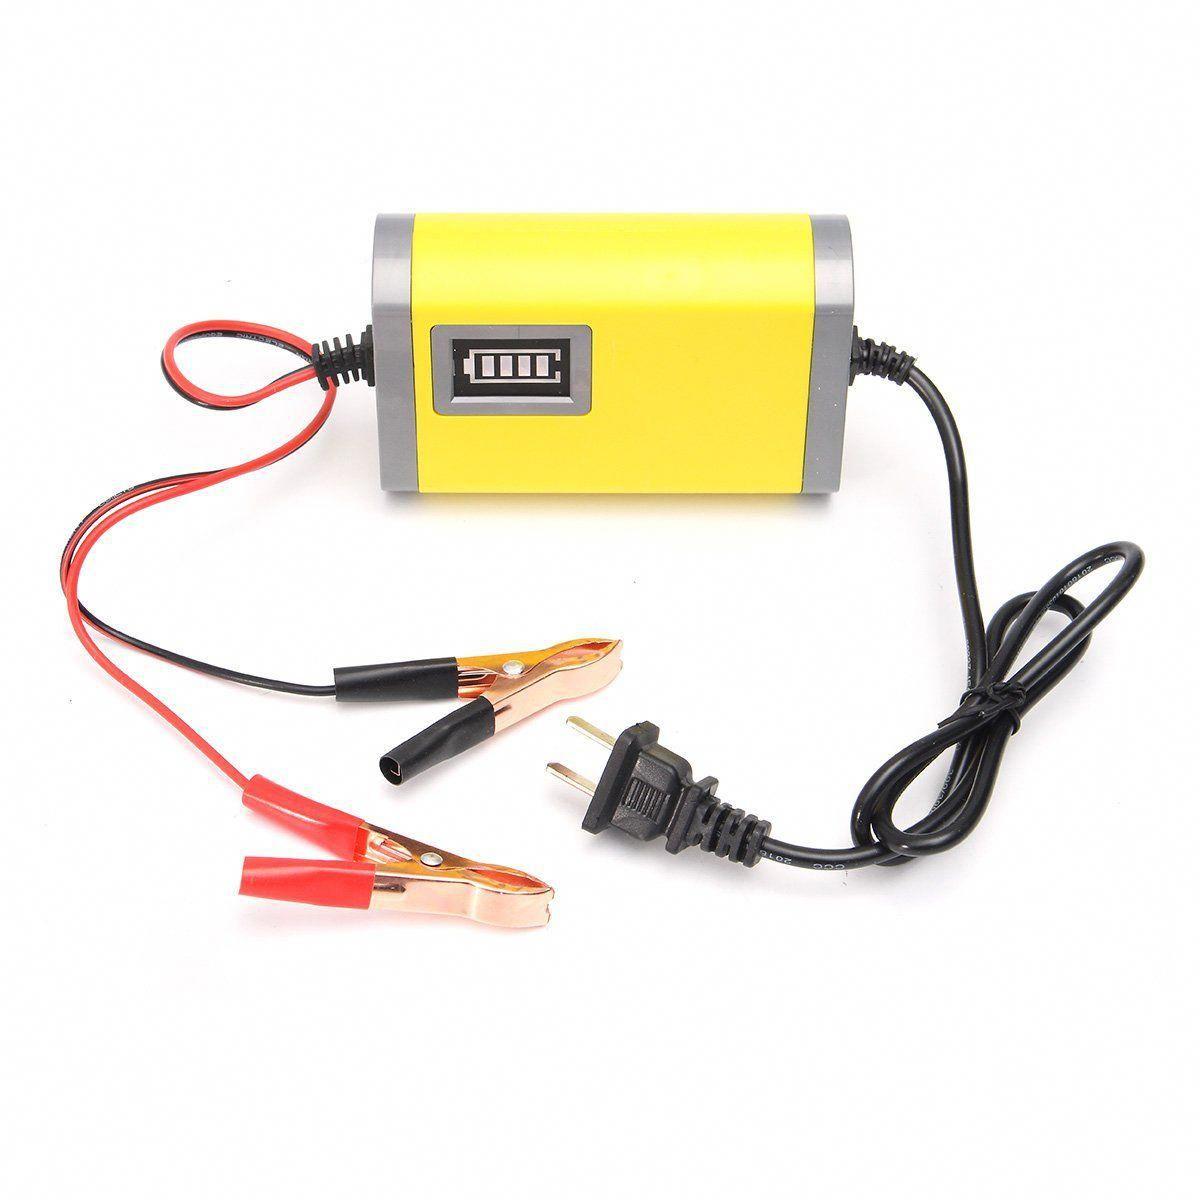 Nicad Battery Reconditioning BatteryReconditioningTools